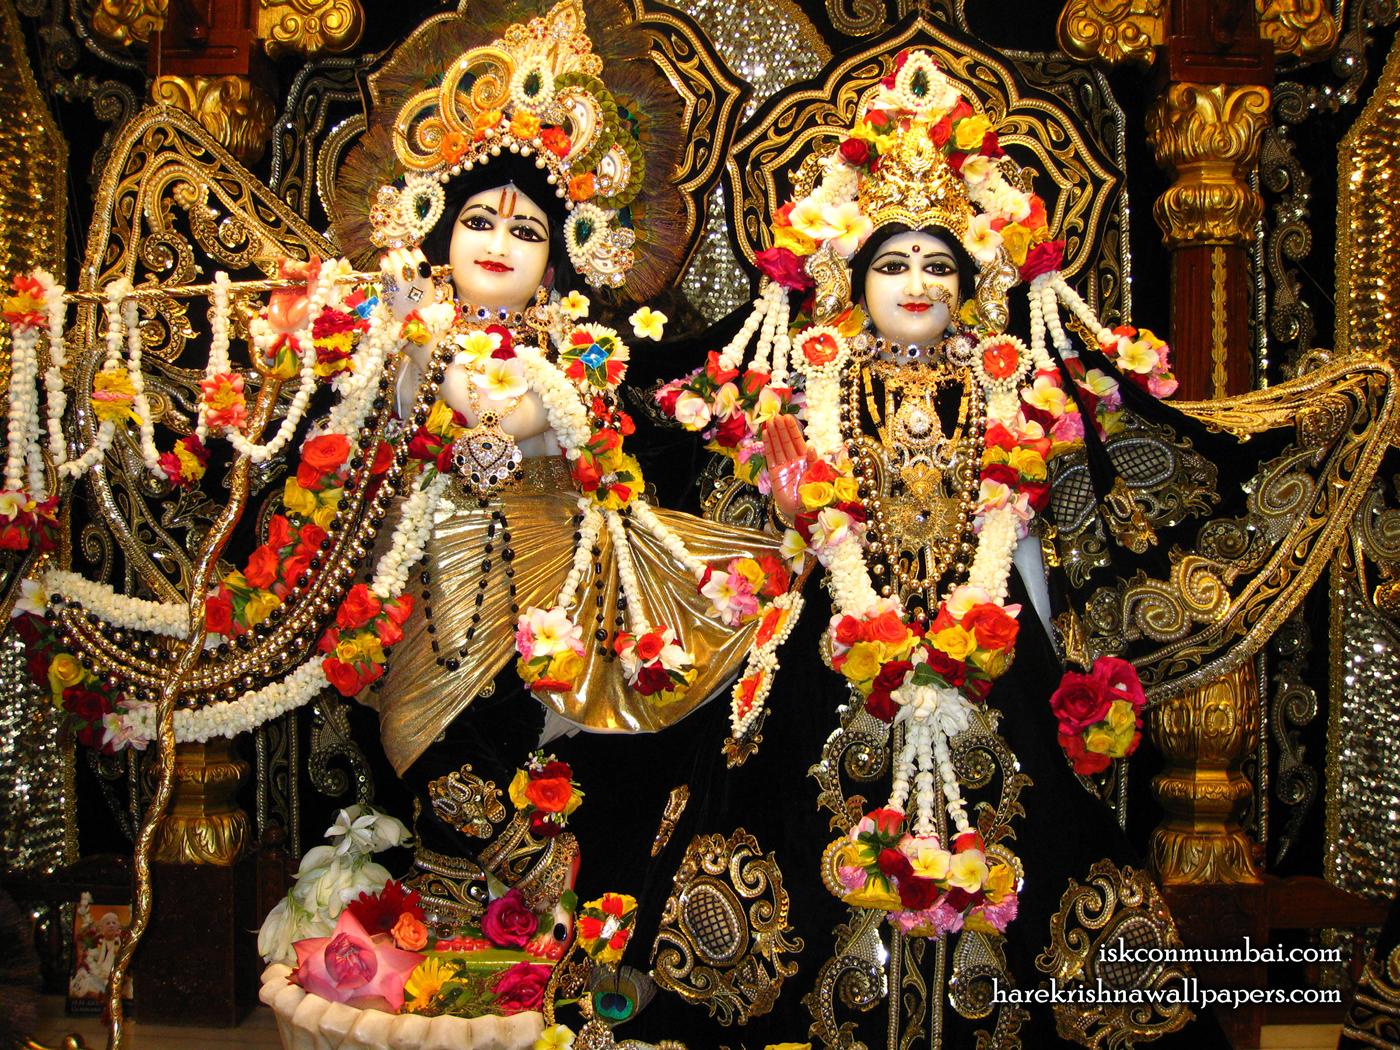 Sri Sri Radha Rasabihari Wallpaper (008) Size 1400x1050 Download